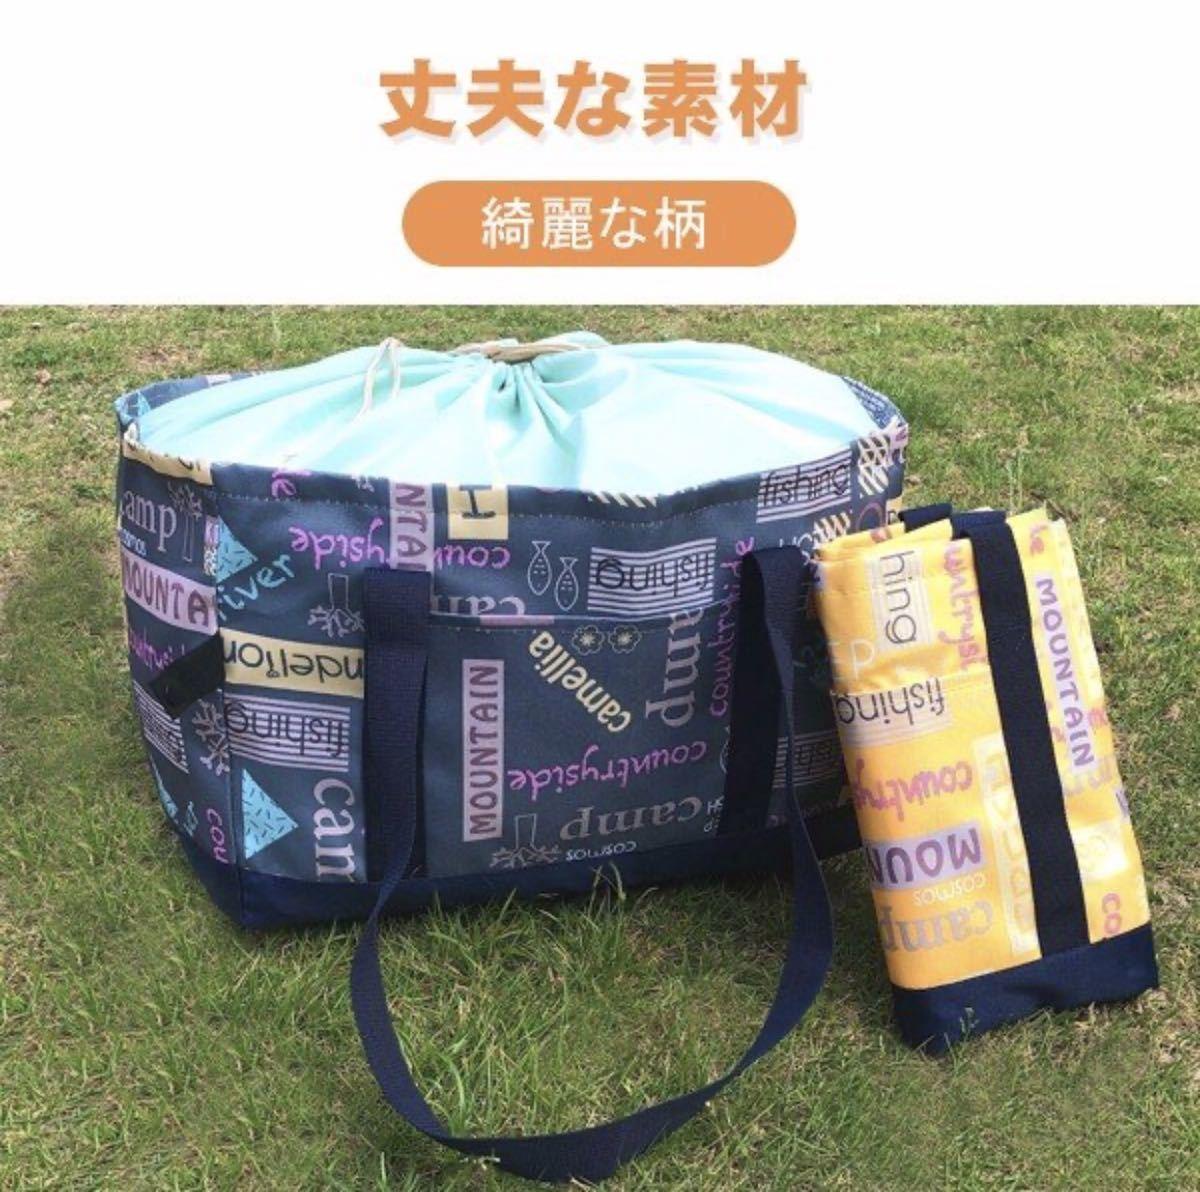 レジカゴバッグ 保冷保温 折りたたみエコバッグ大容量コンビニ袋レジかご 2点セット 値下げ